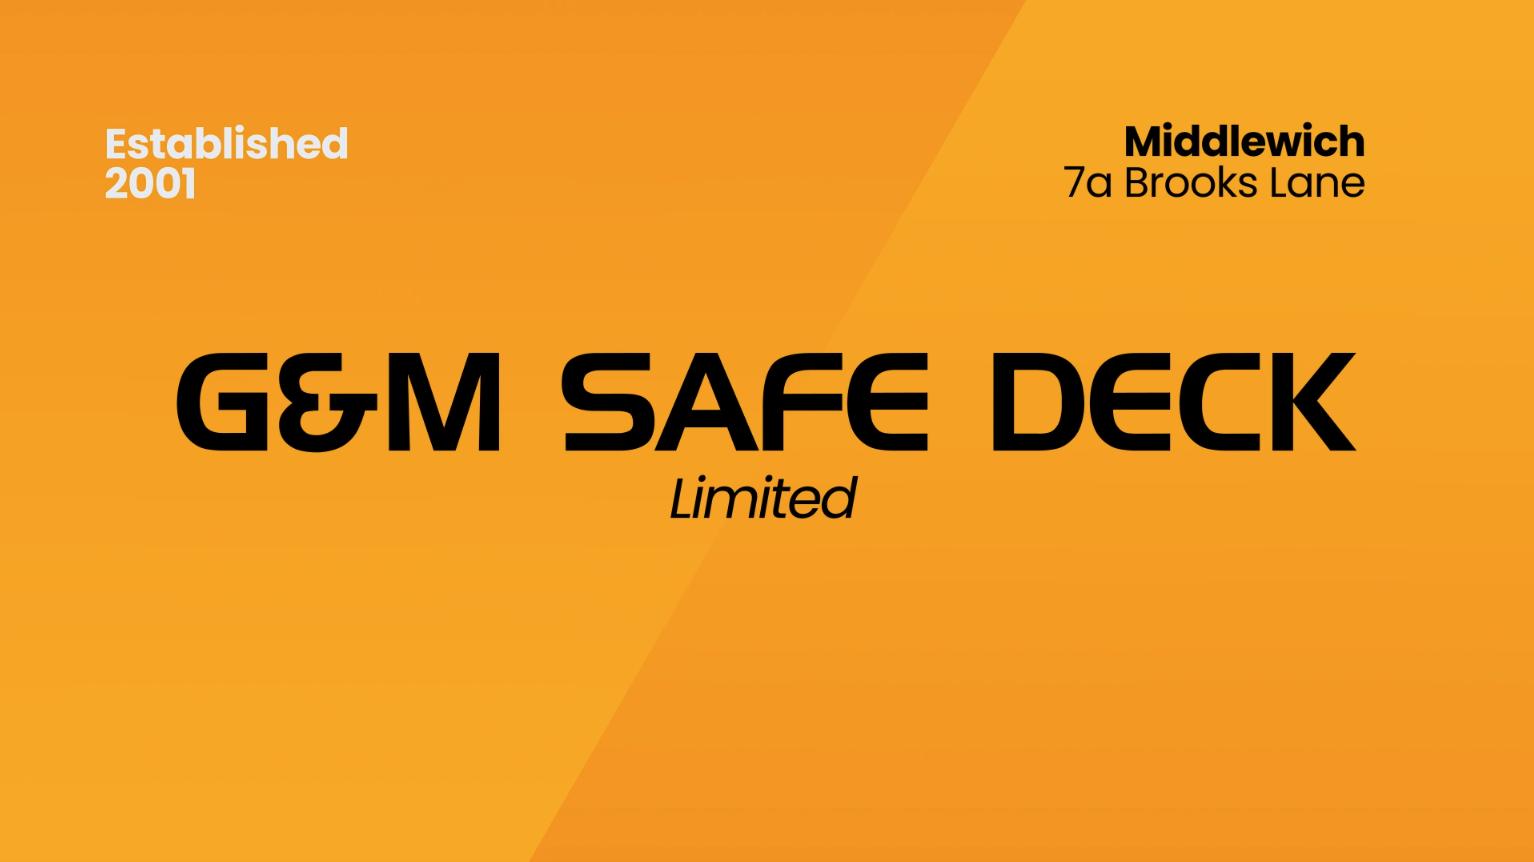 Safety Decking - G&M Safe Deck